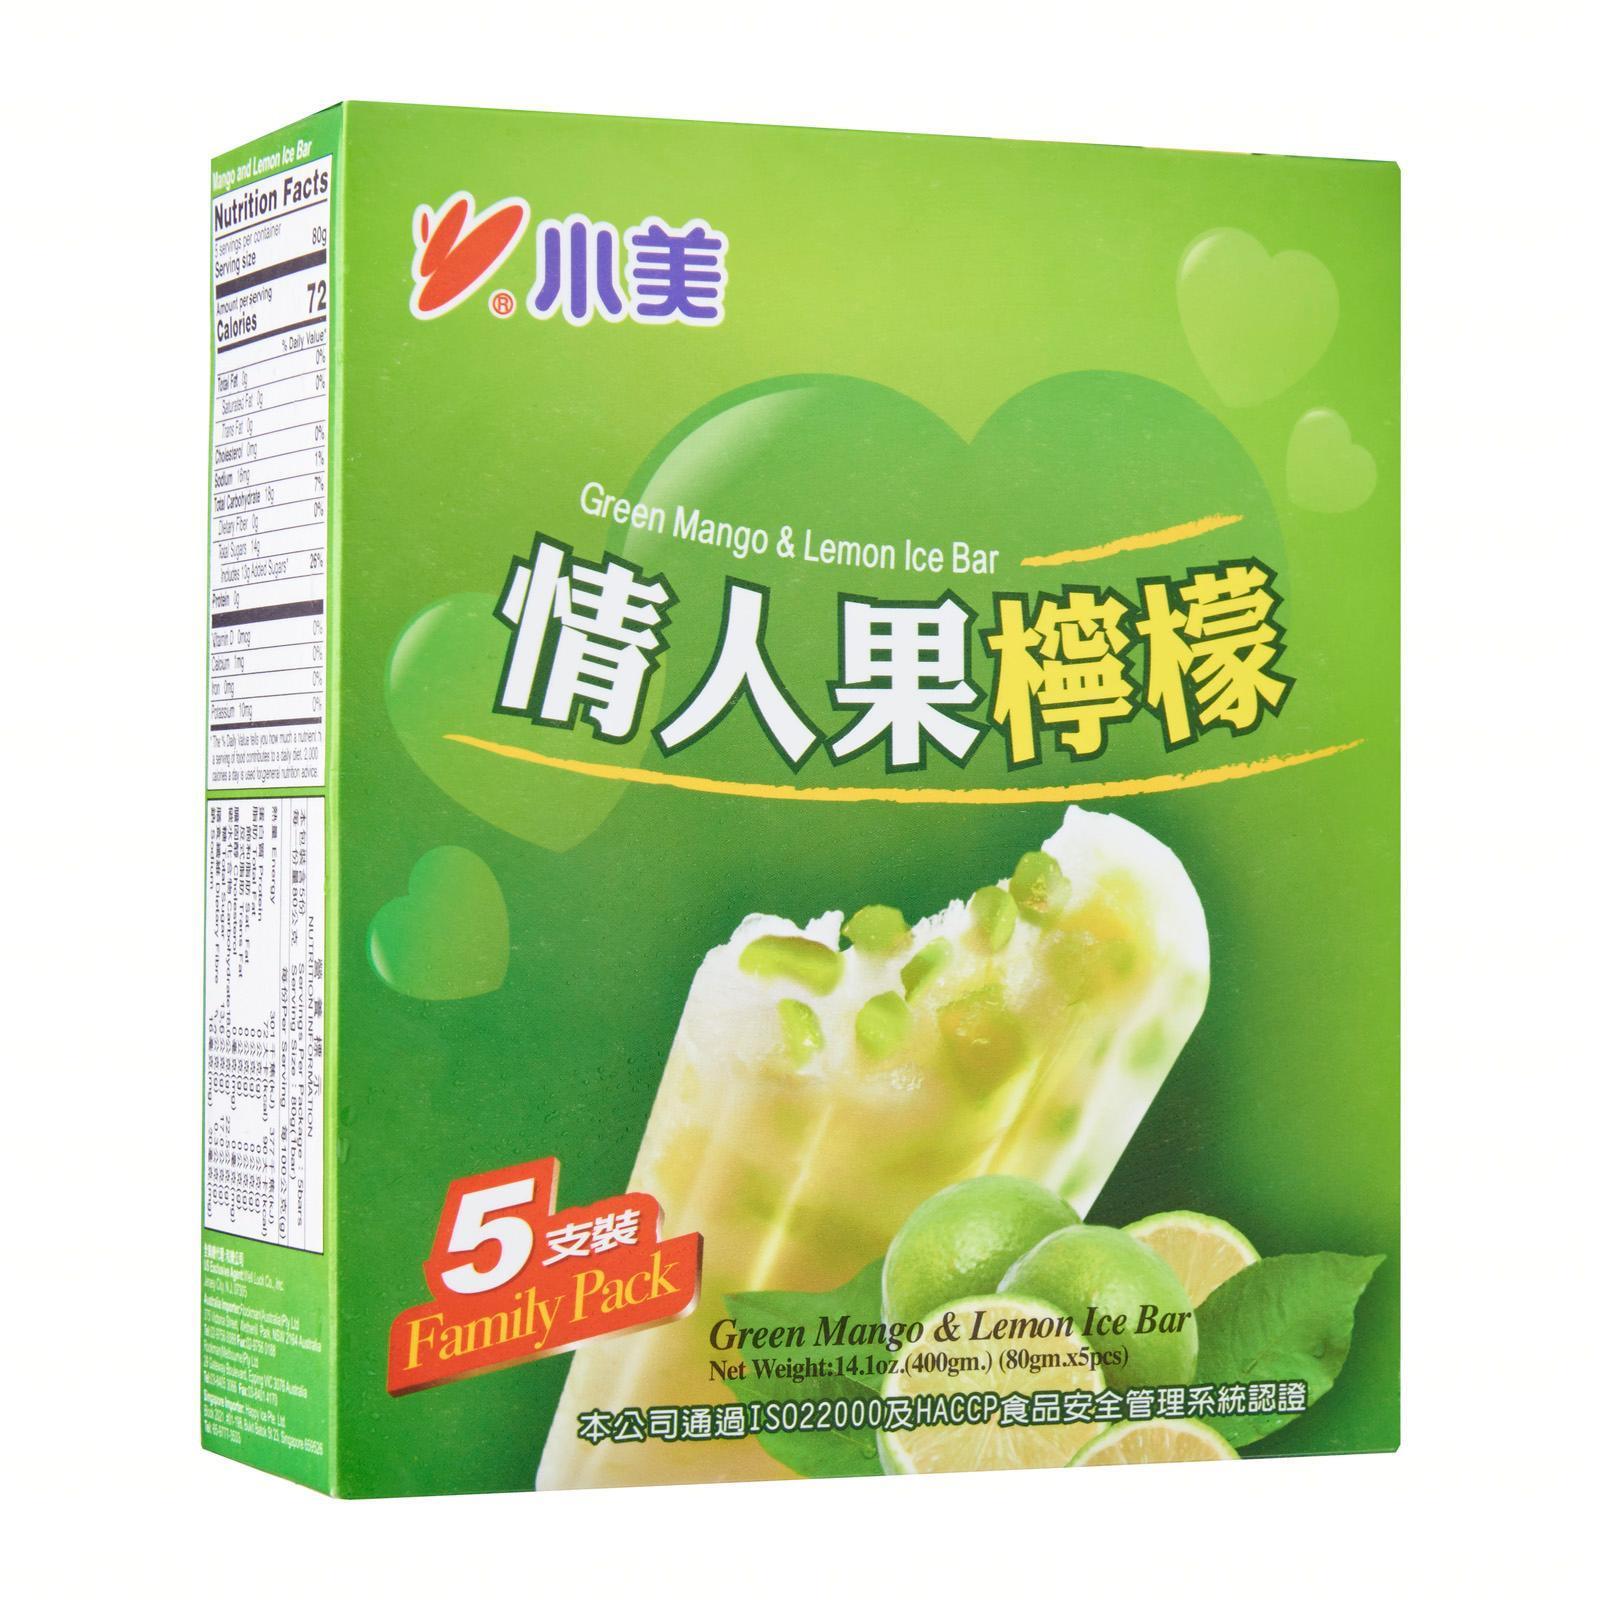 Xiao Mei Green Mango and Lemon Ice Bar